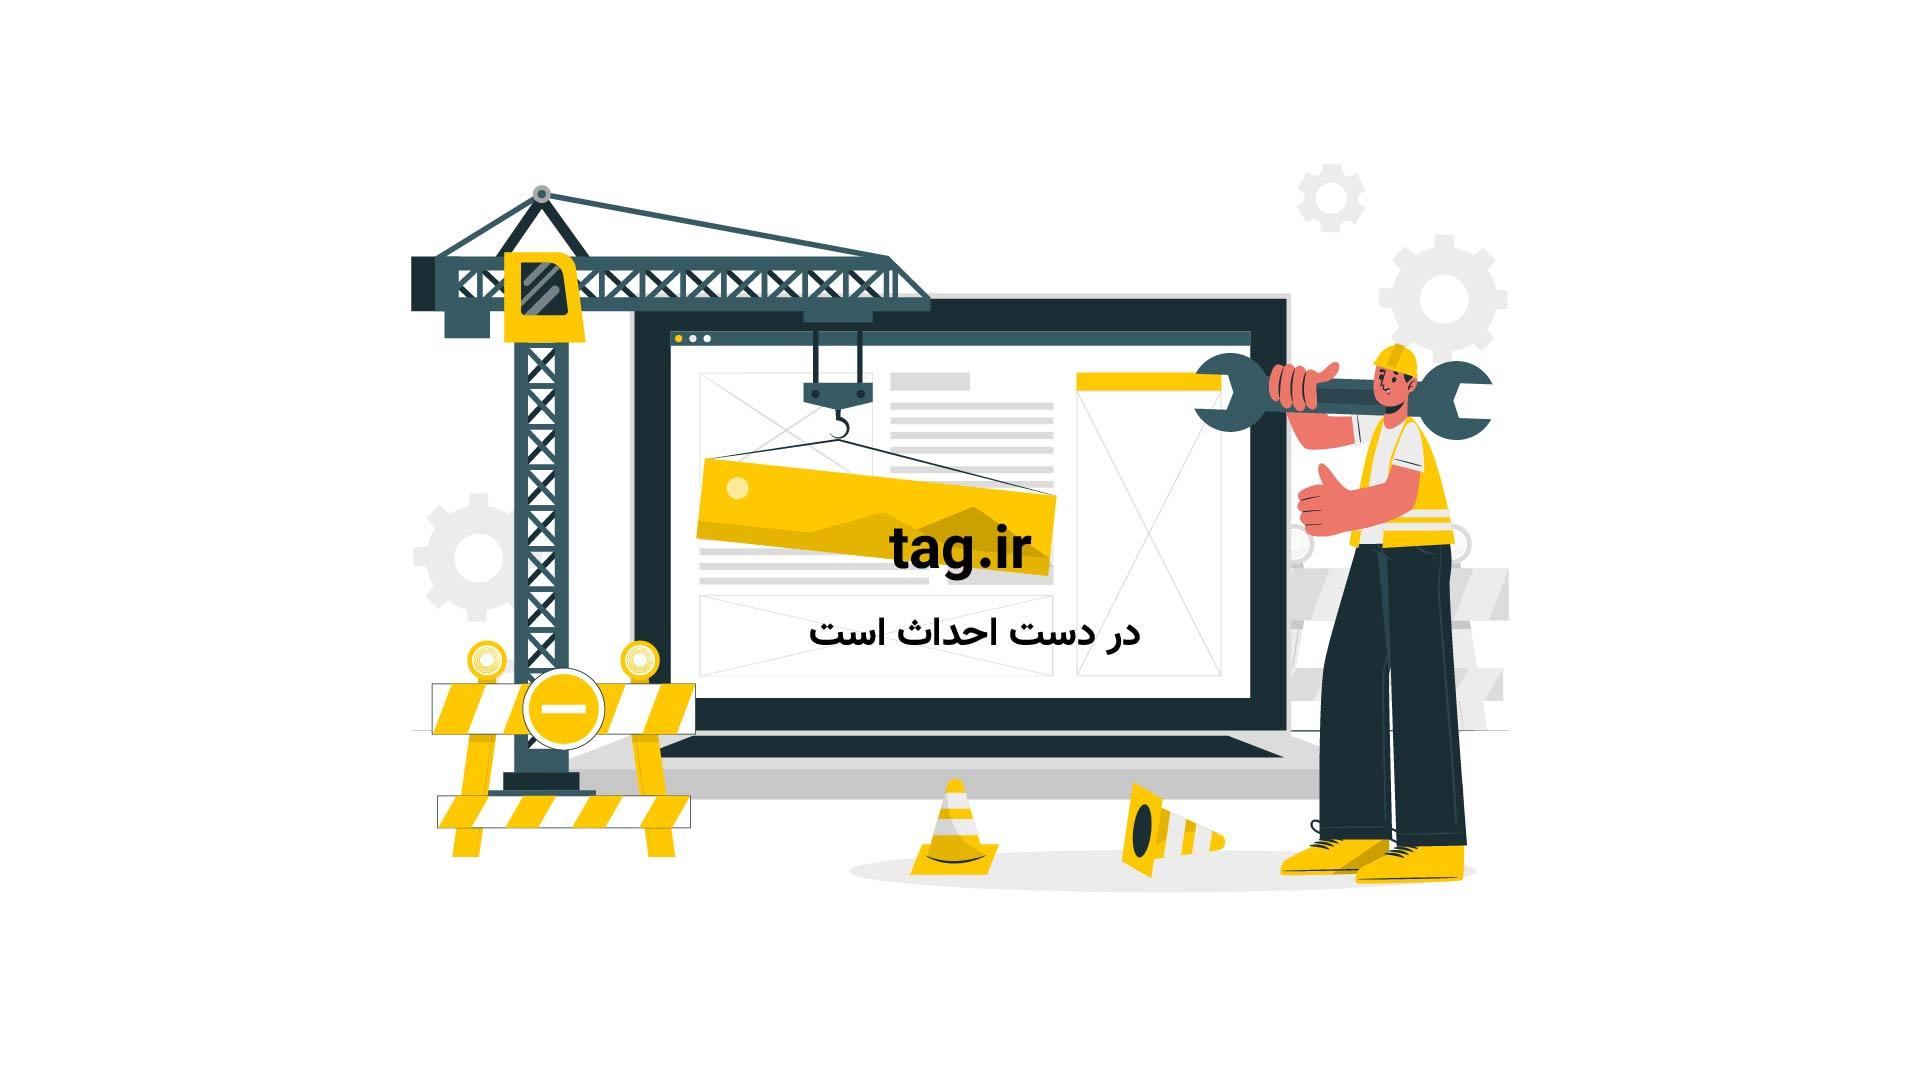 انتشار اولین مطلب از وصیت آیت الله هاشمی در برنامه زنده تلویزیونی | فیلم